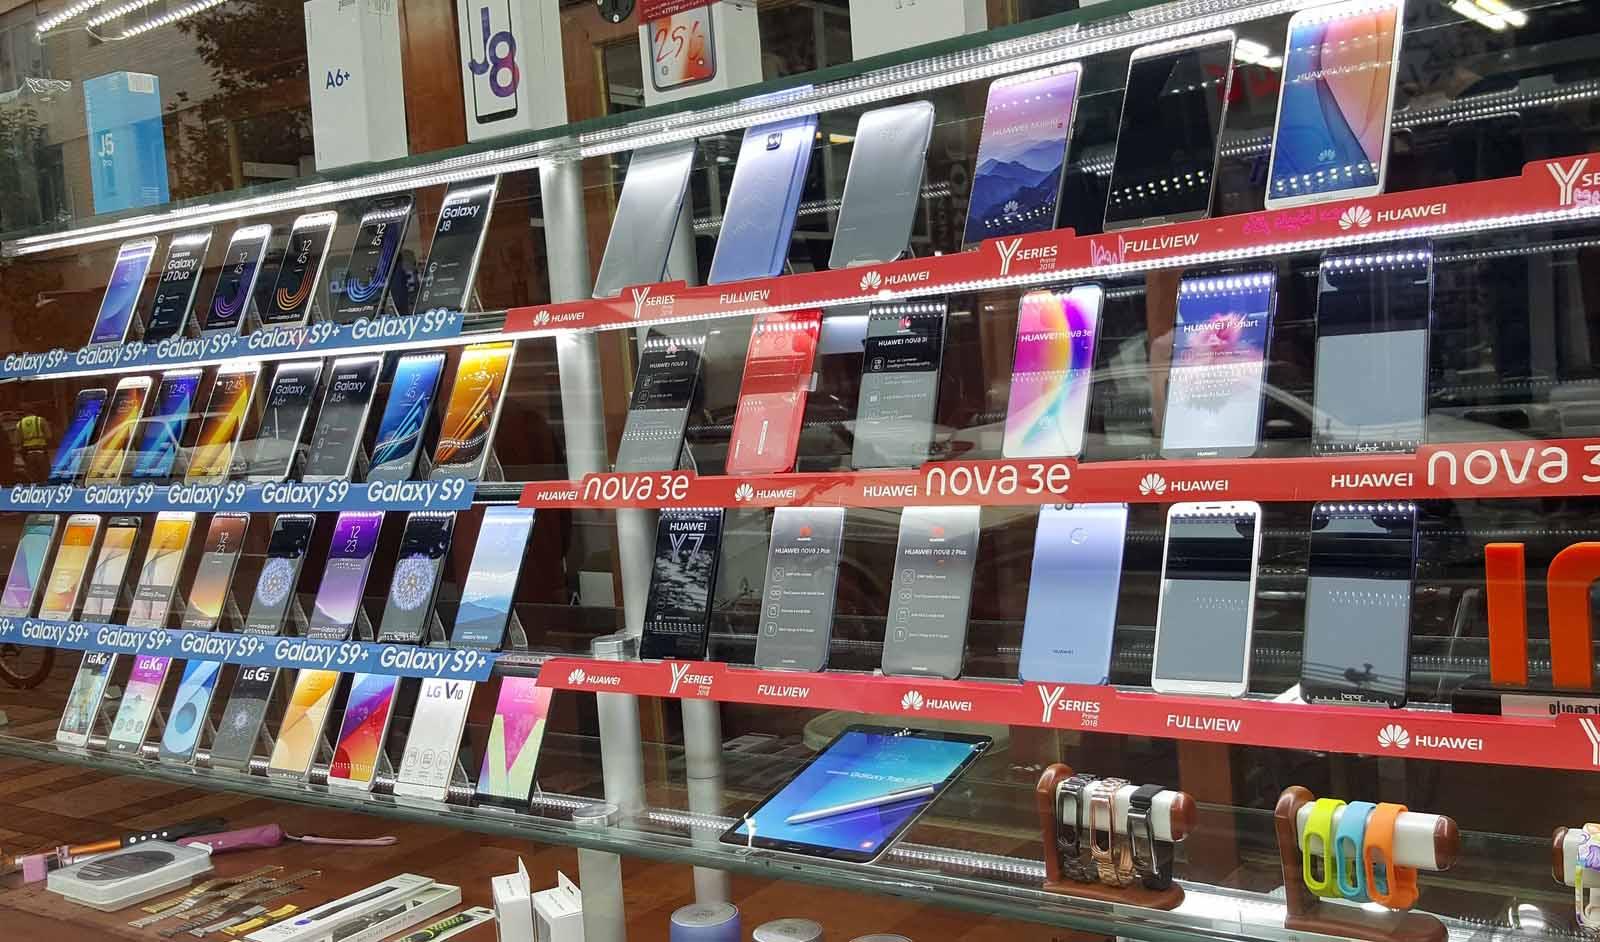 آخرین قیمتها در بازار موبایل/ کدام برندها گران شدند؟